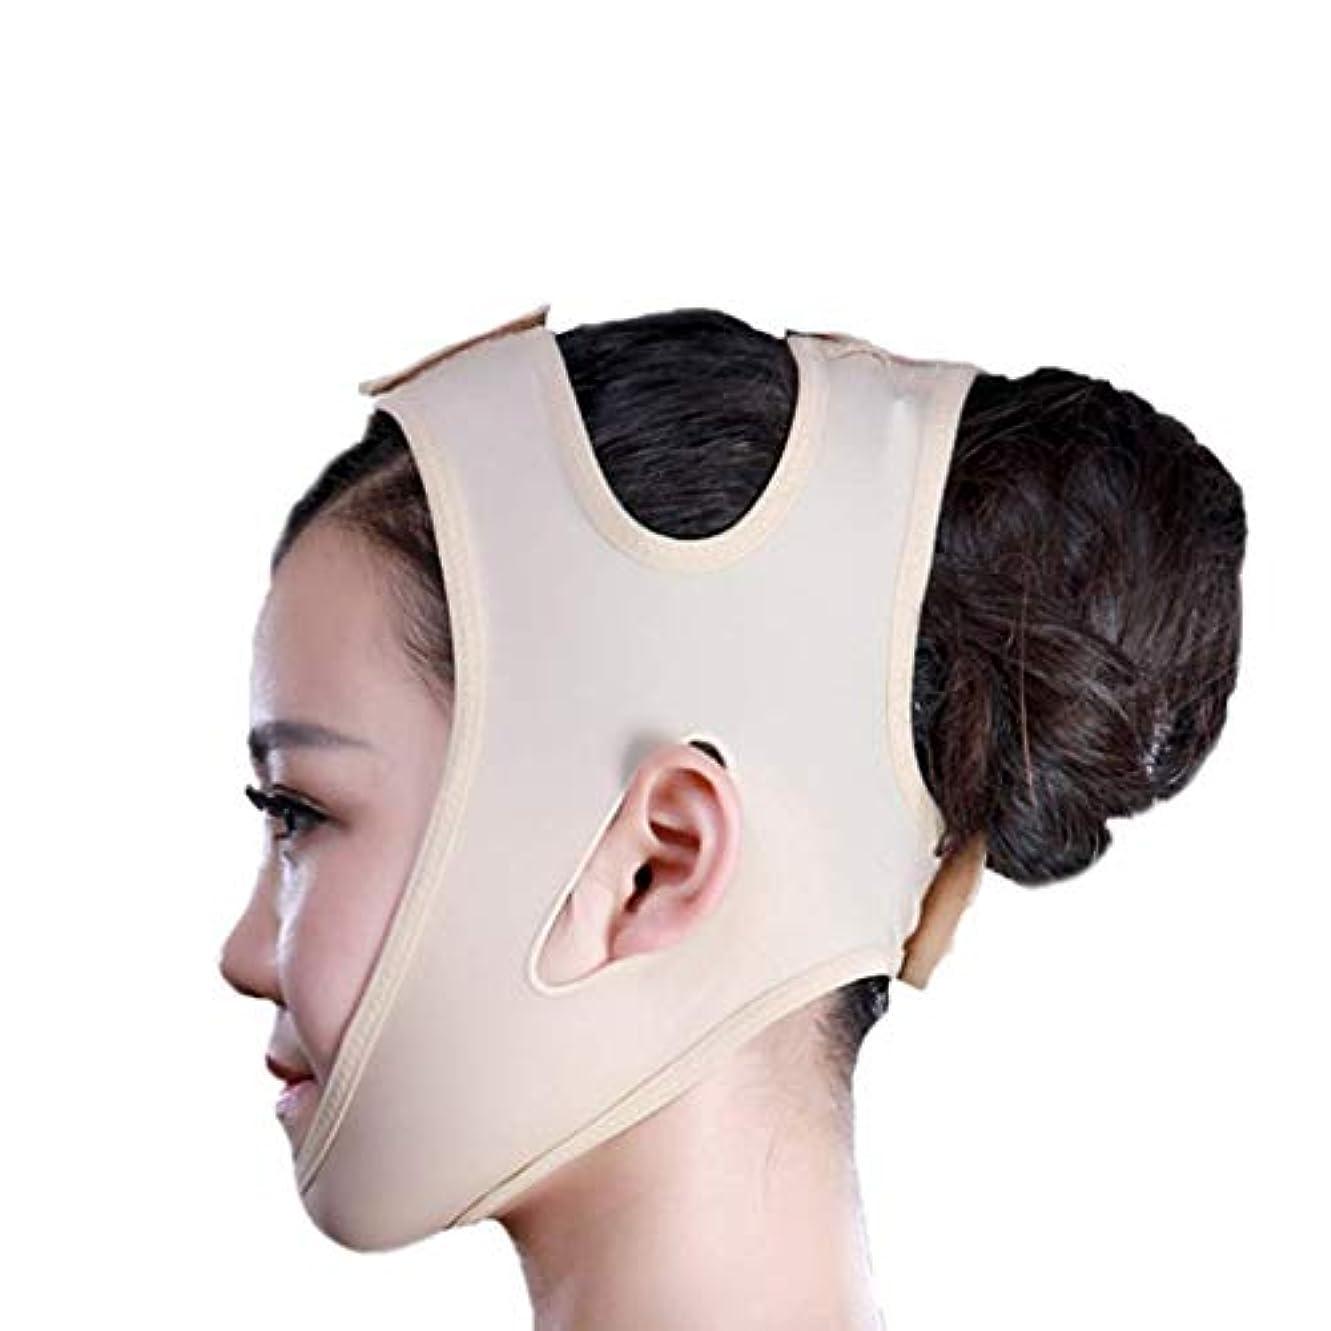 祖父母を訪問医師与えるフェイススリミングマスク、快適さと通気性、フェイシャルリフティング、輪郭の改善された硬さ、ファーミングとリフティングフェイス(カラー:ブラック、サイズ:XL),黄色がかったピンク、XL